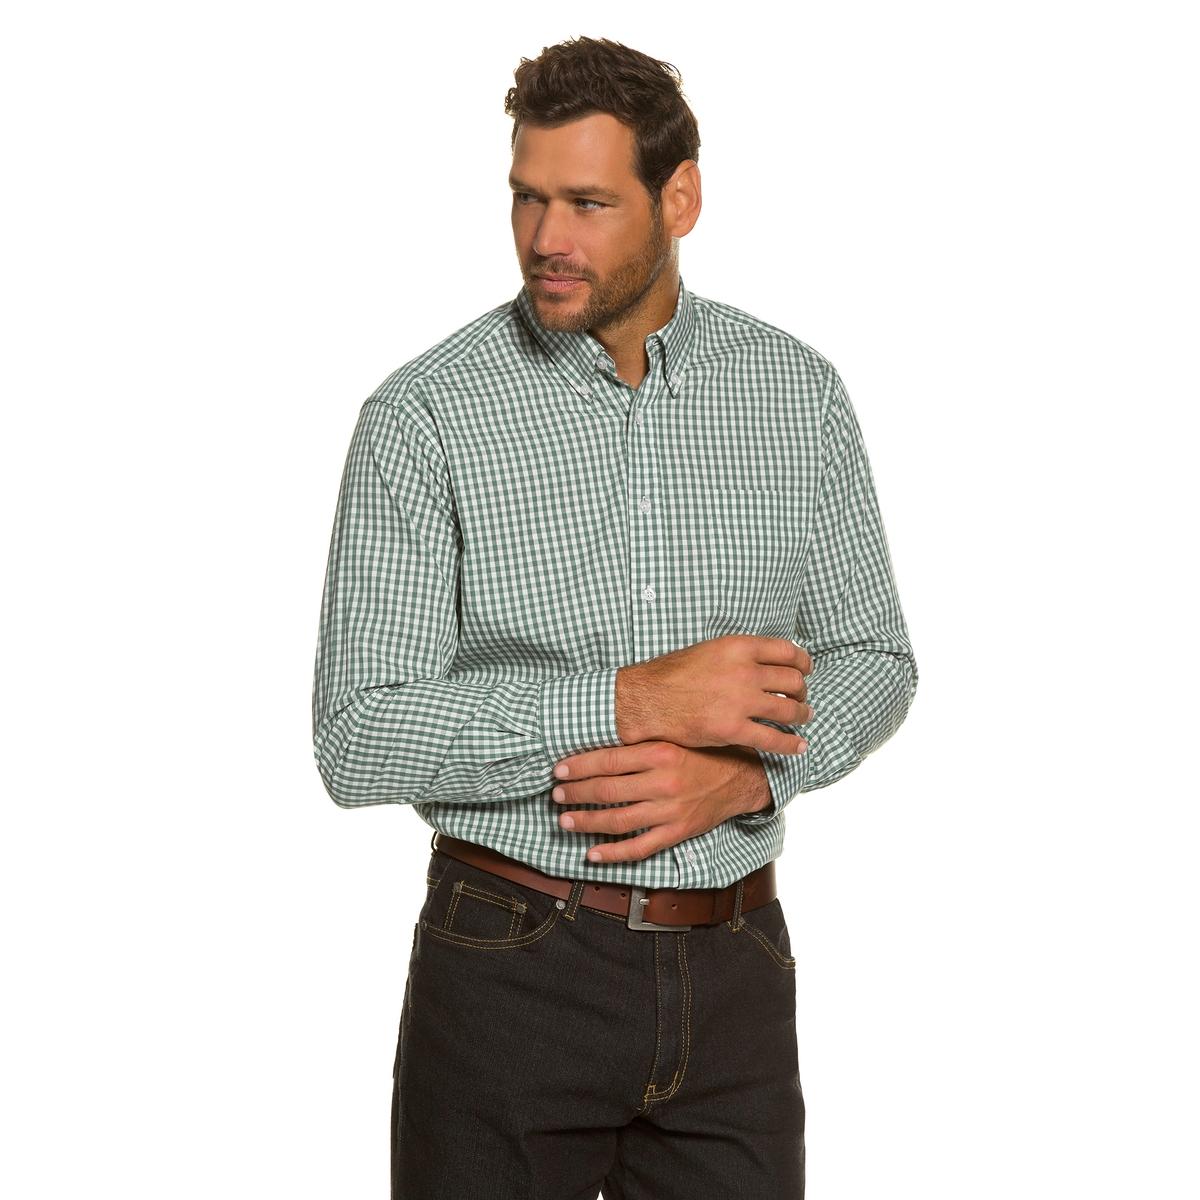 Рубашка с длинными рукавамиРубашка с длинными рукавами JP1880. Рубашка в клетку, воротник с кончиками на пуговицах . Удобный покрой. Длина в зависимости от размера ок. 82-96 см. 100% хлопок.<br><br>Цвет: в клетку<br>Размер: 7XL